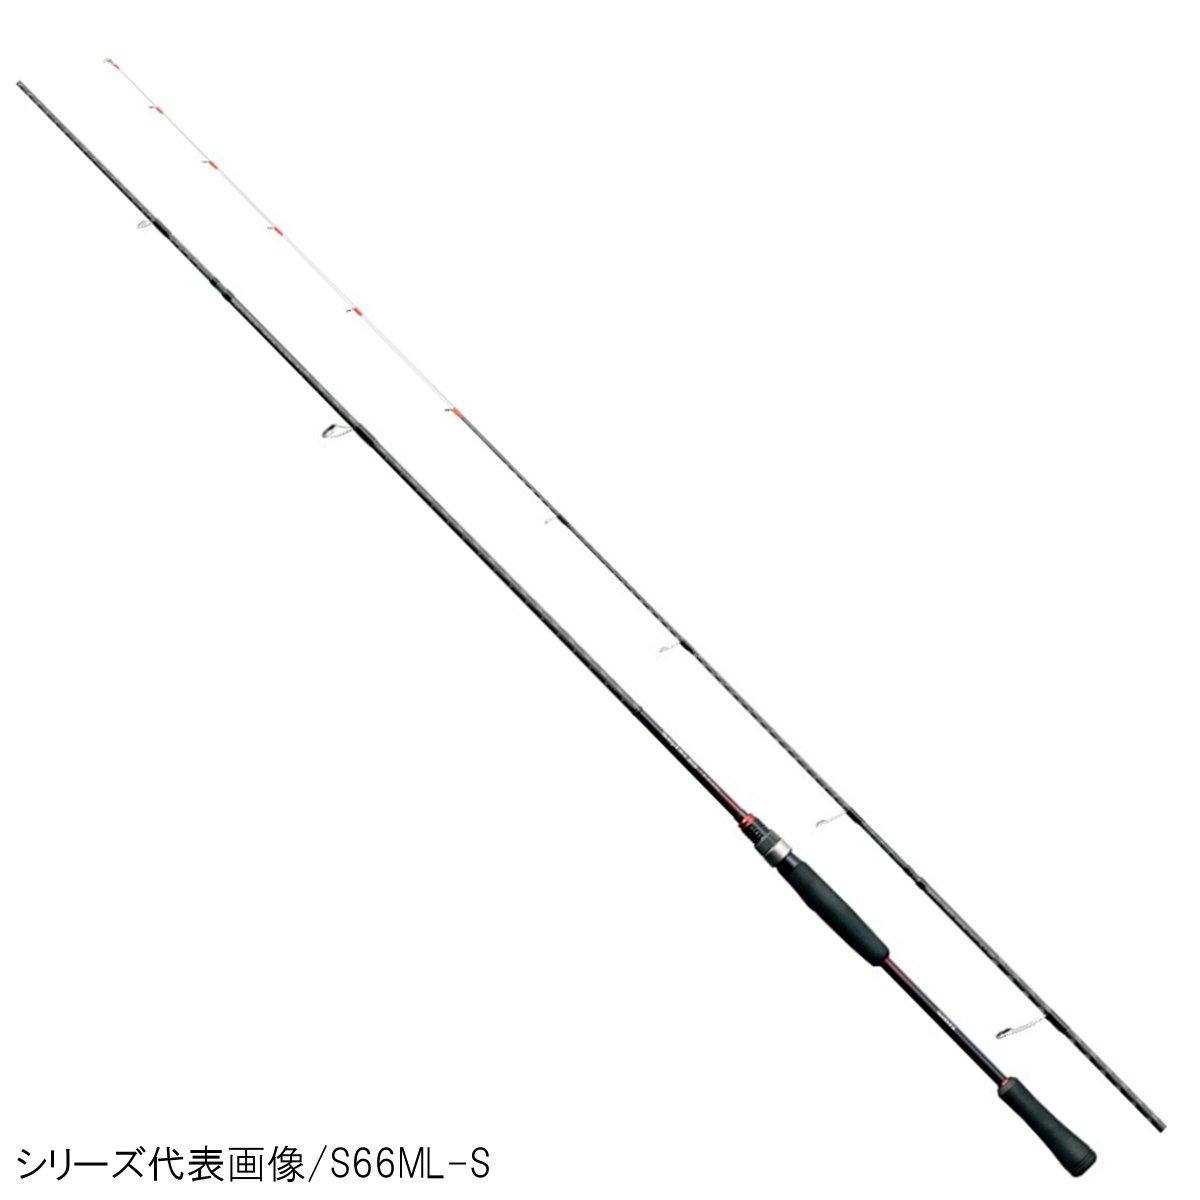 シマノ セフィア BB ティップエギング S70M-S(東日本店)